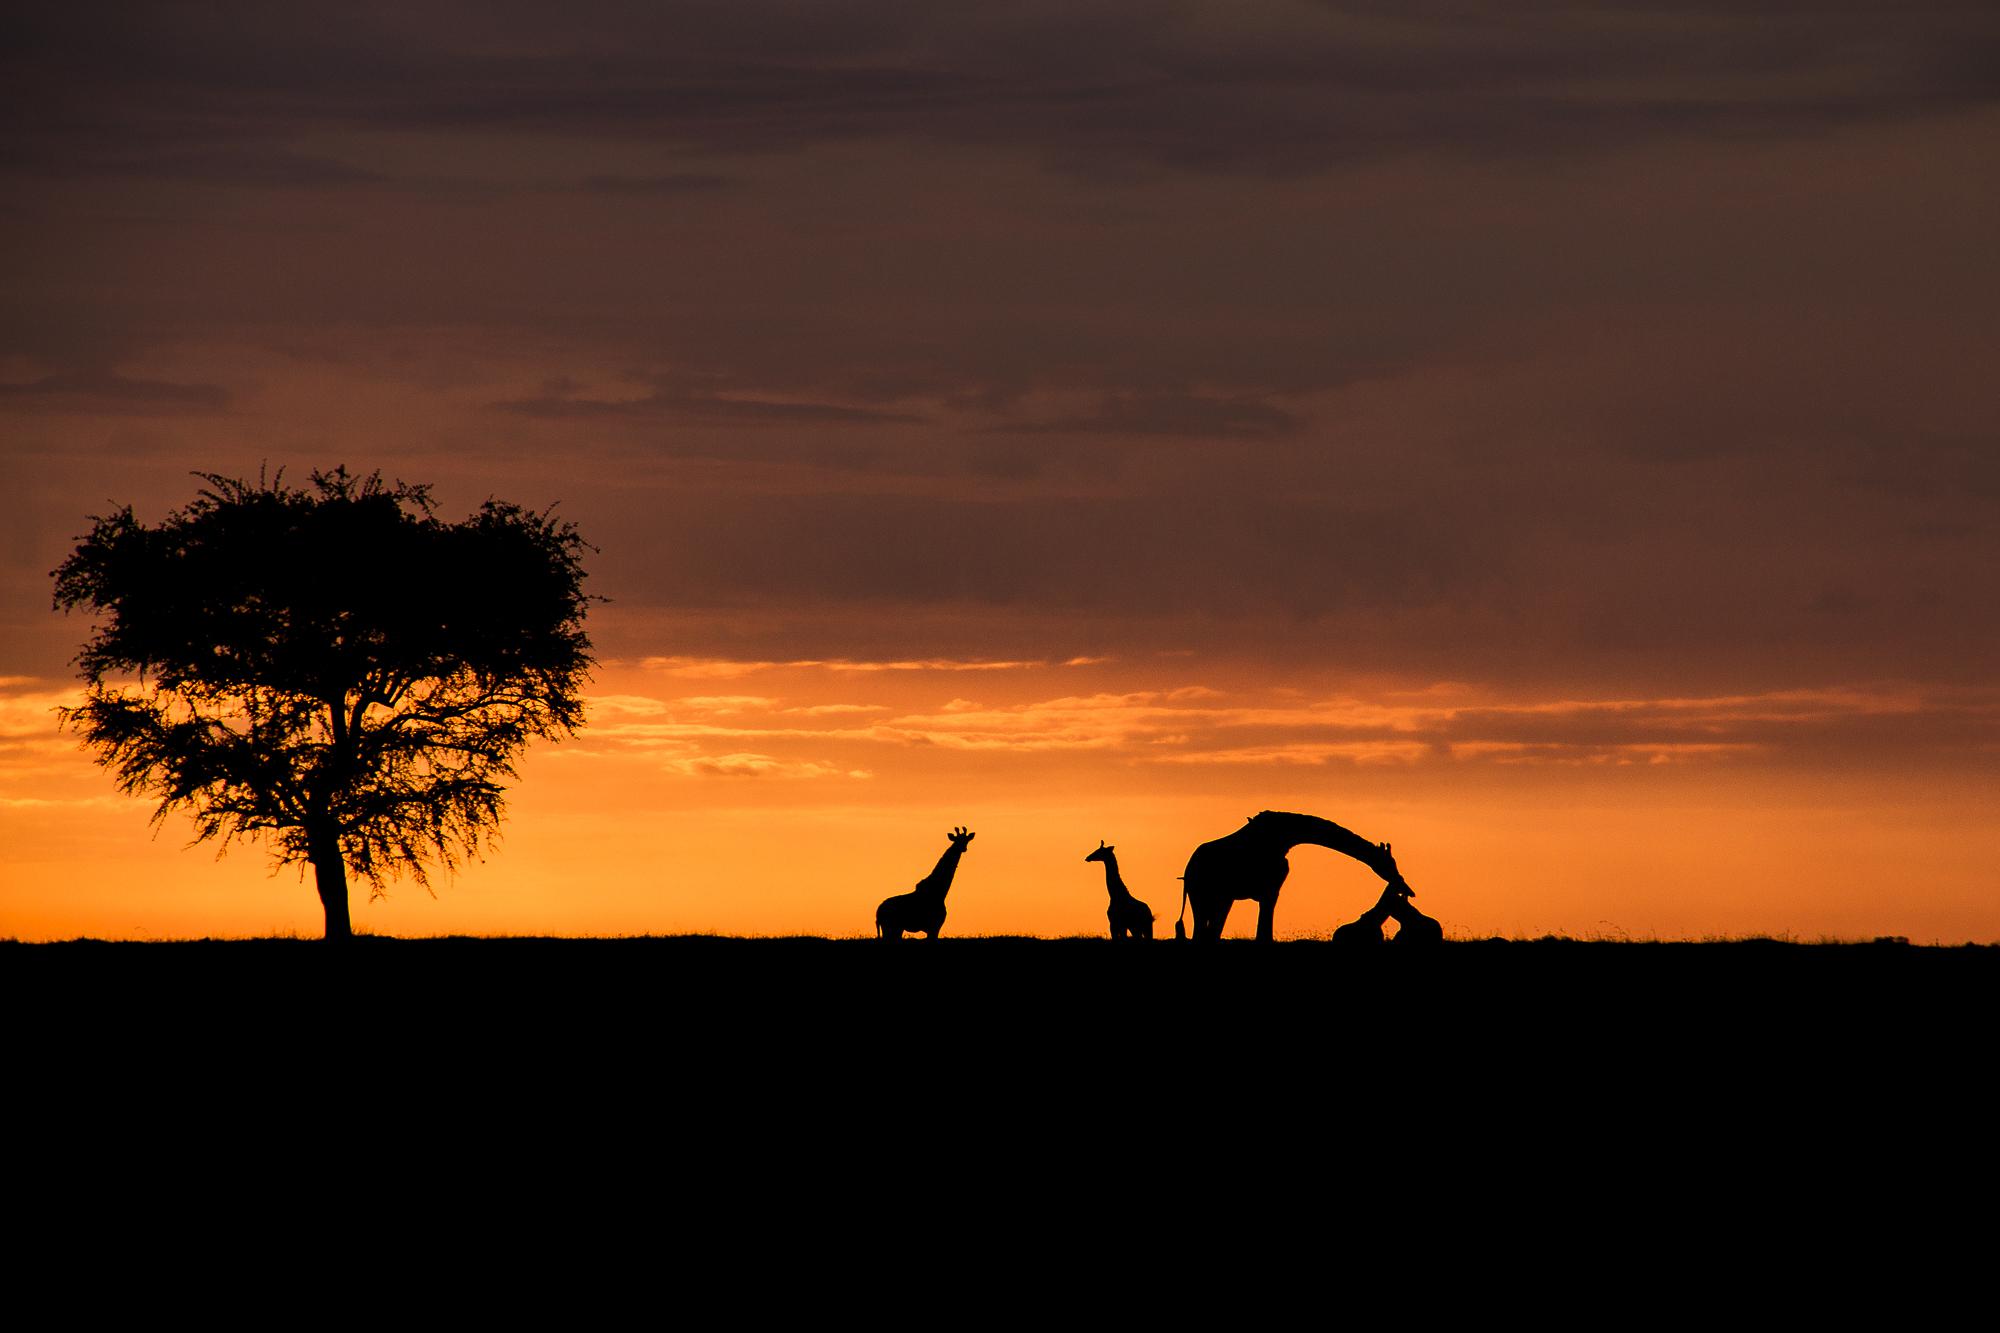 Ankit_Kumar_Giraffe_Sunset.jpg